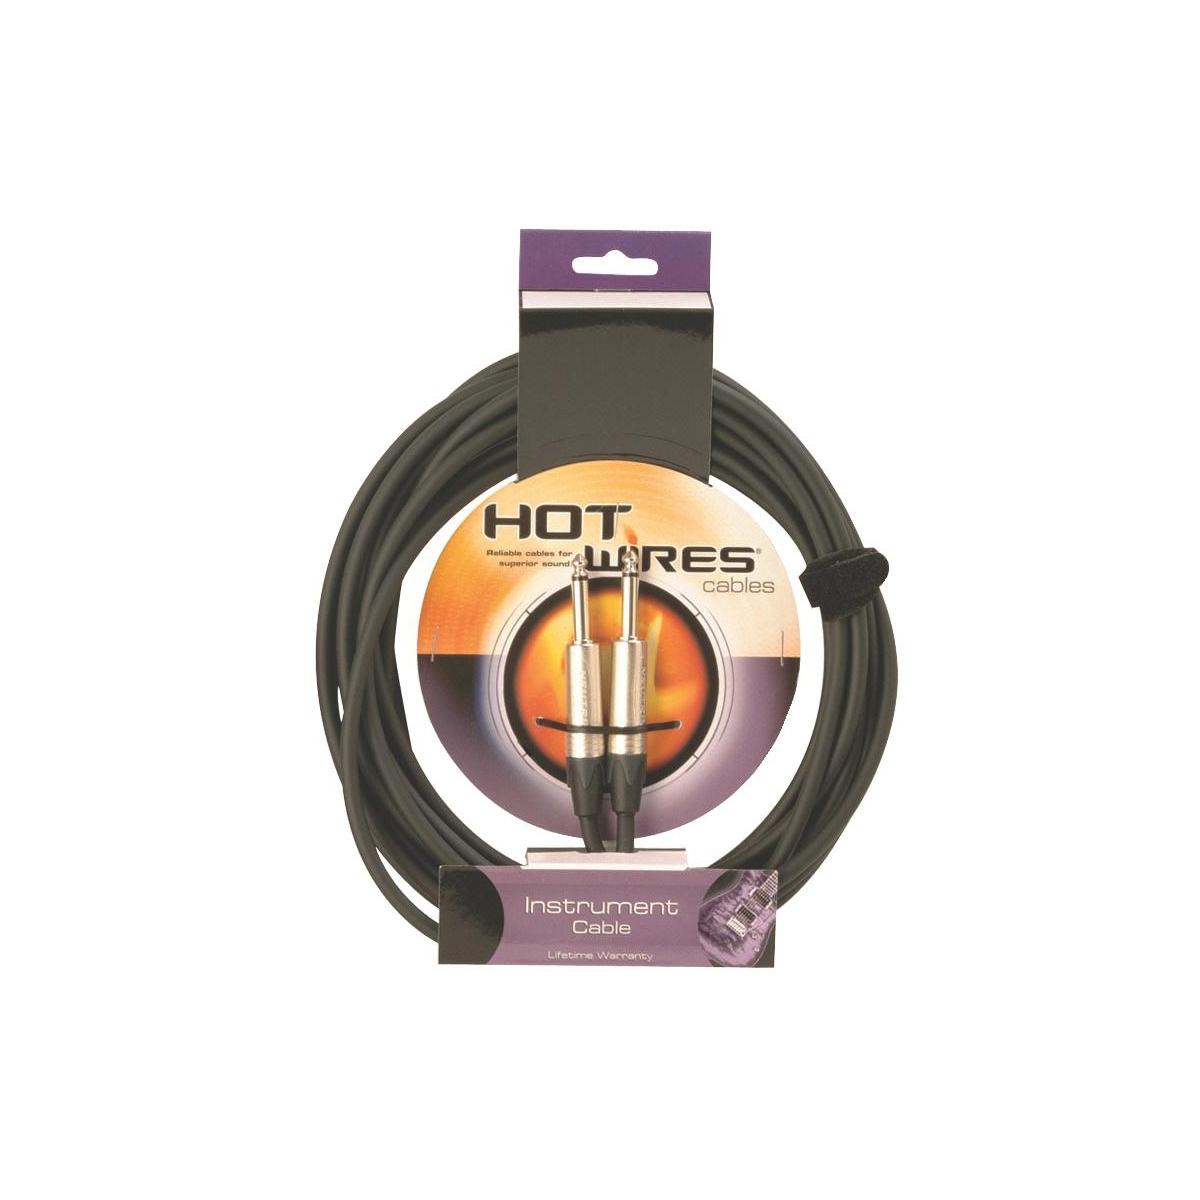 Instrument Cables with Neutrik Connectors